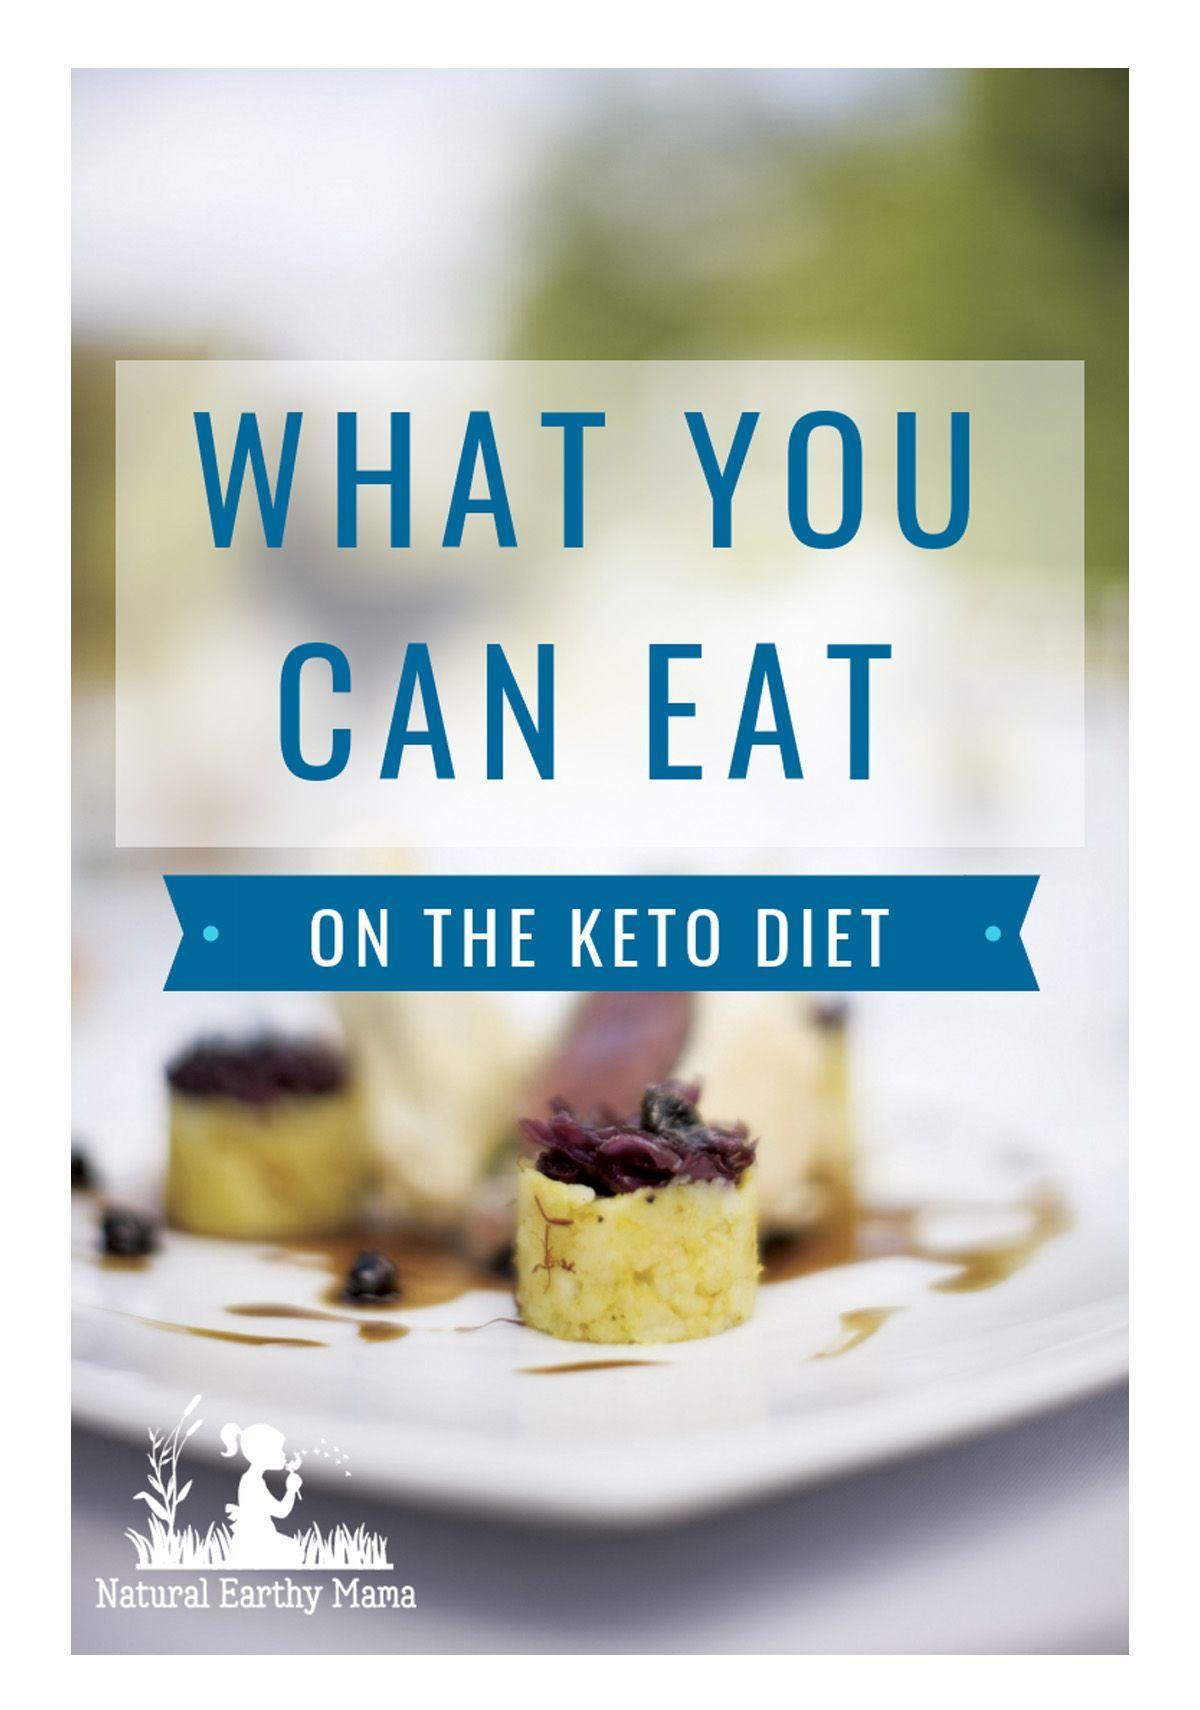 Keto Diet For Beginners Week 1 Meal Plan Printable  keto t for beginners meal plan keto t for beginners